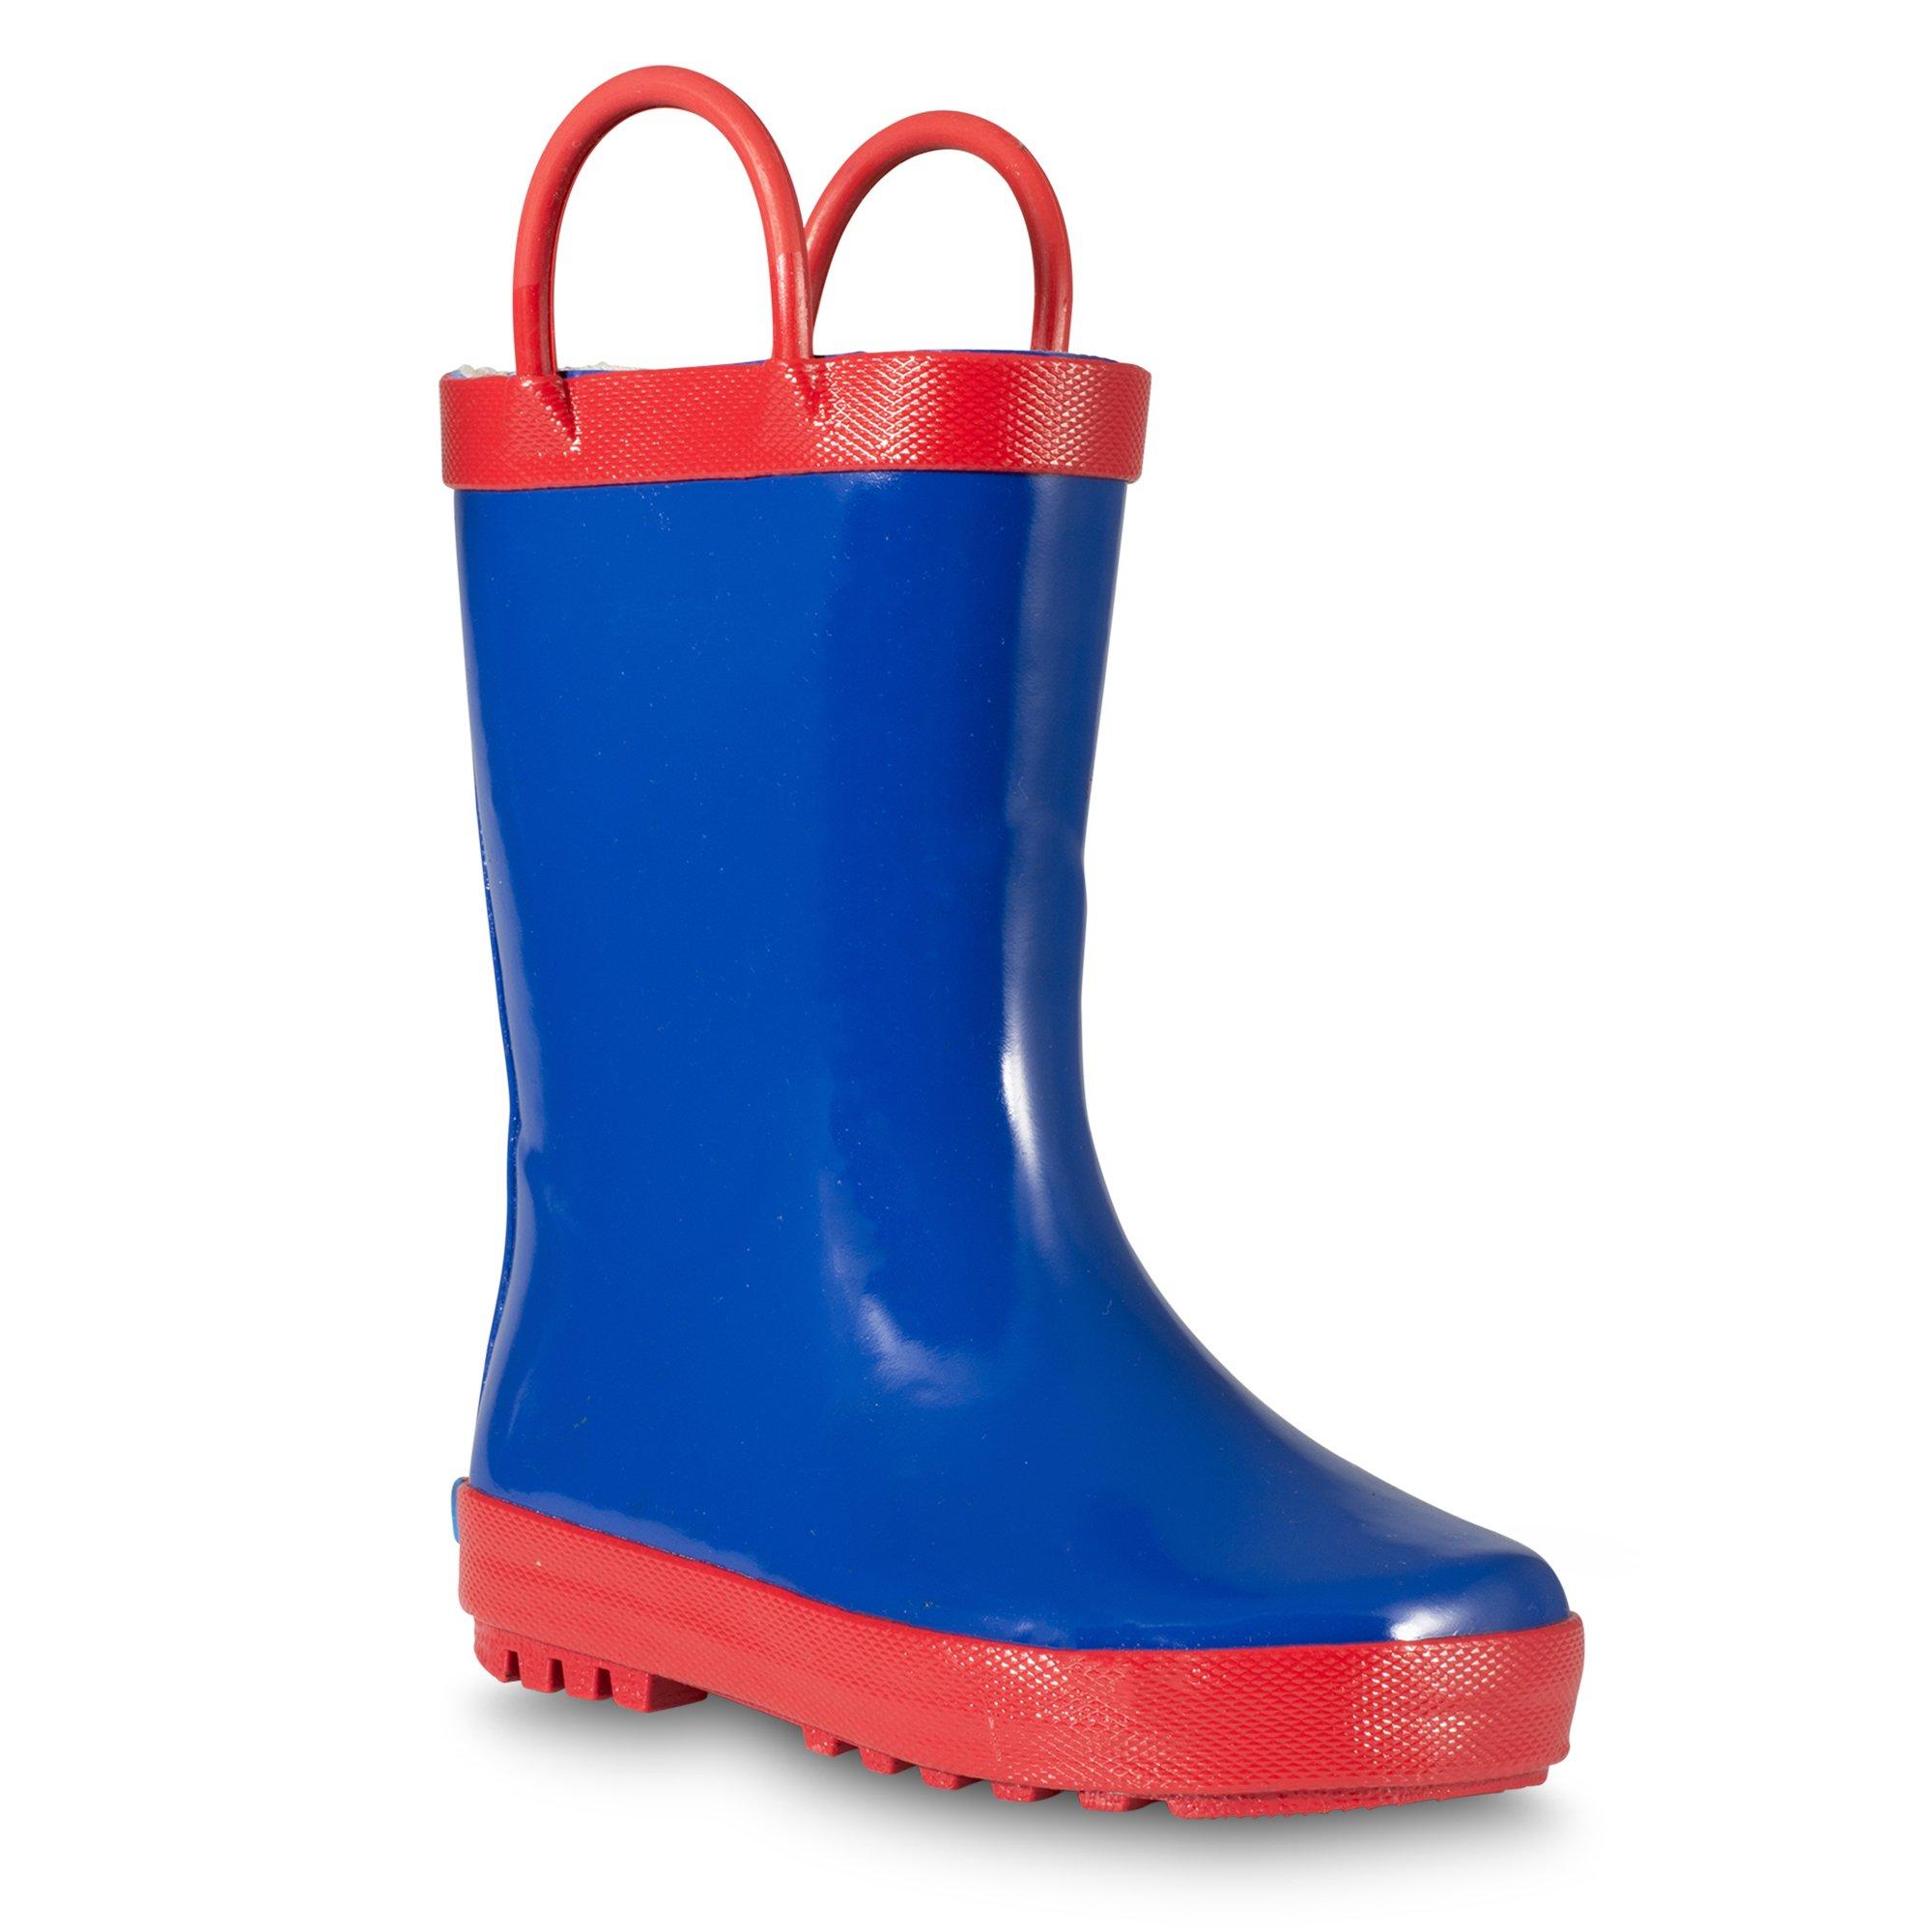 ZOOGS Kids Rainboots, Waterproof, Pull Handles, Fun Colors, Anti-Slip